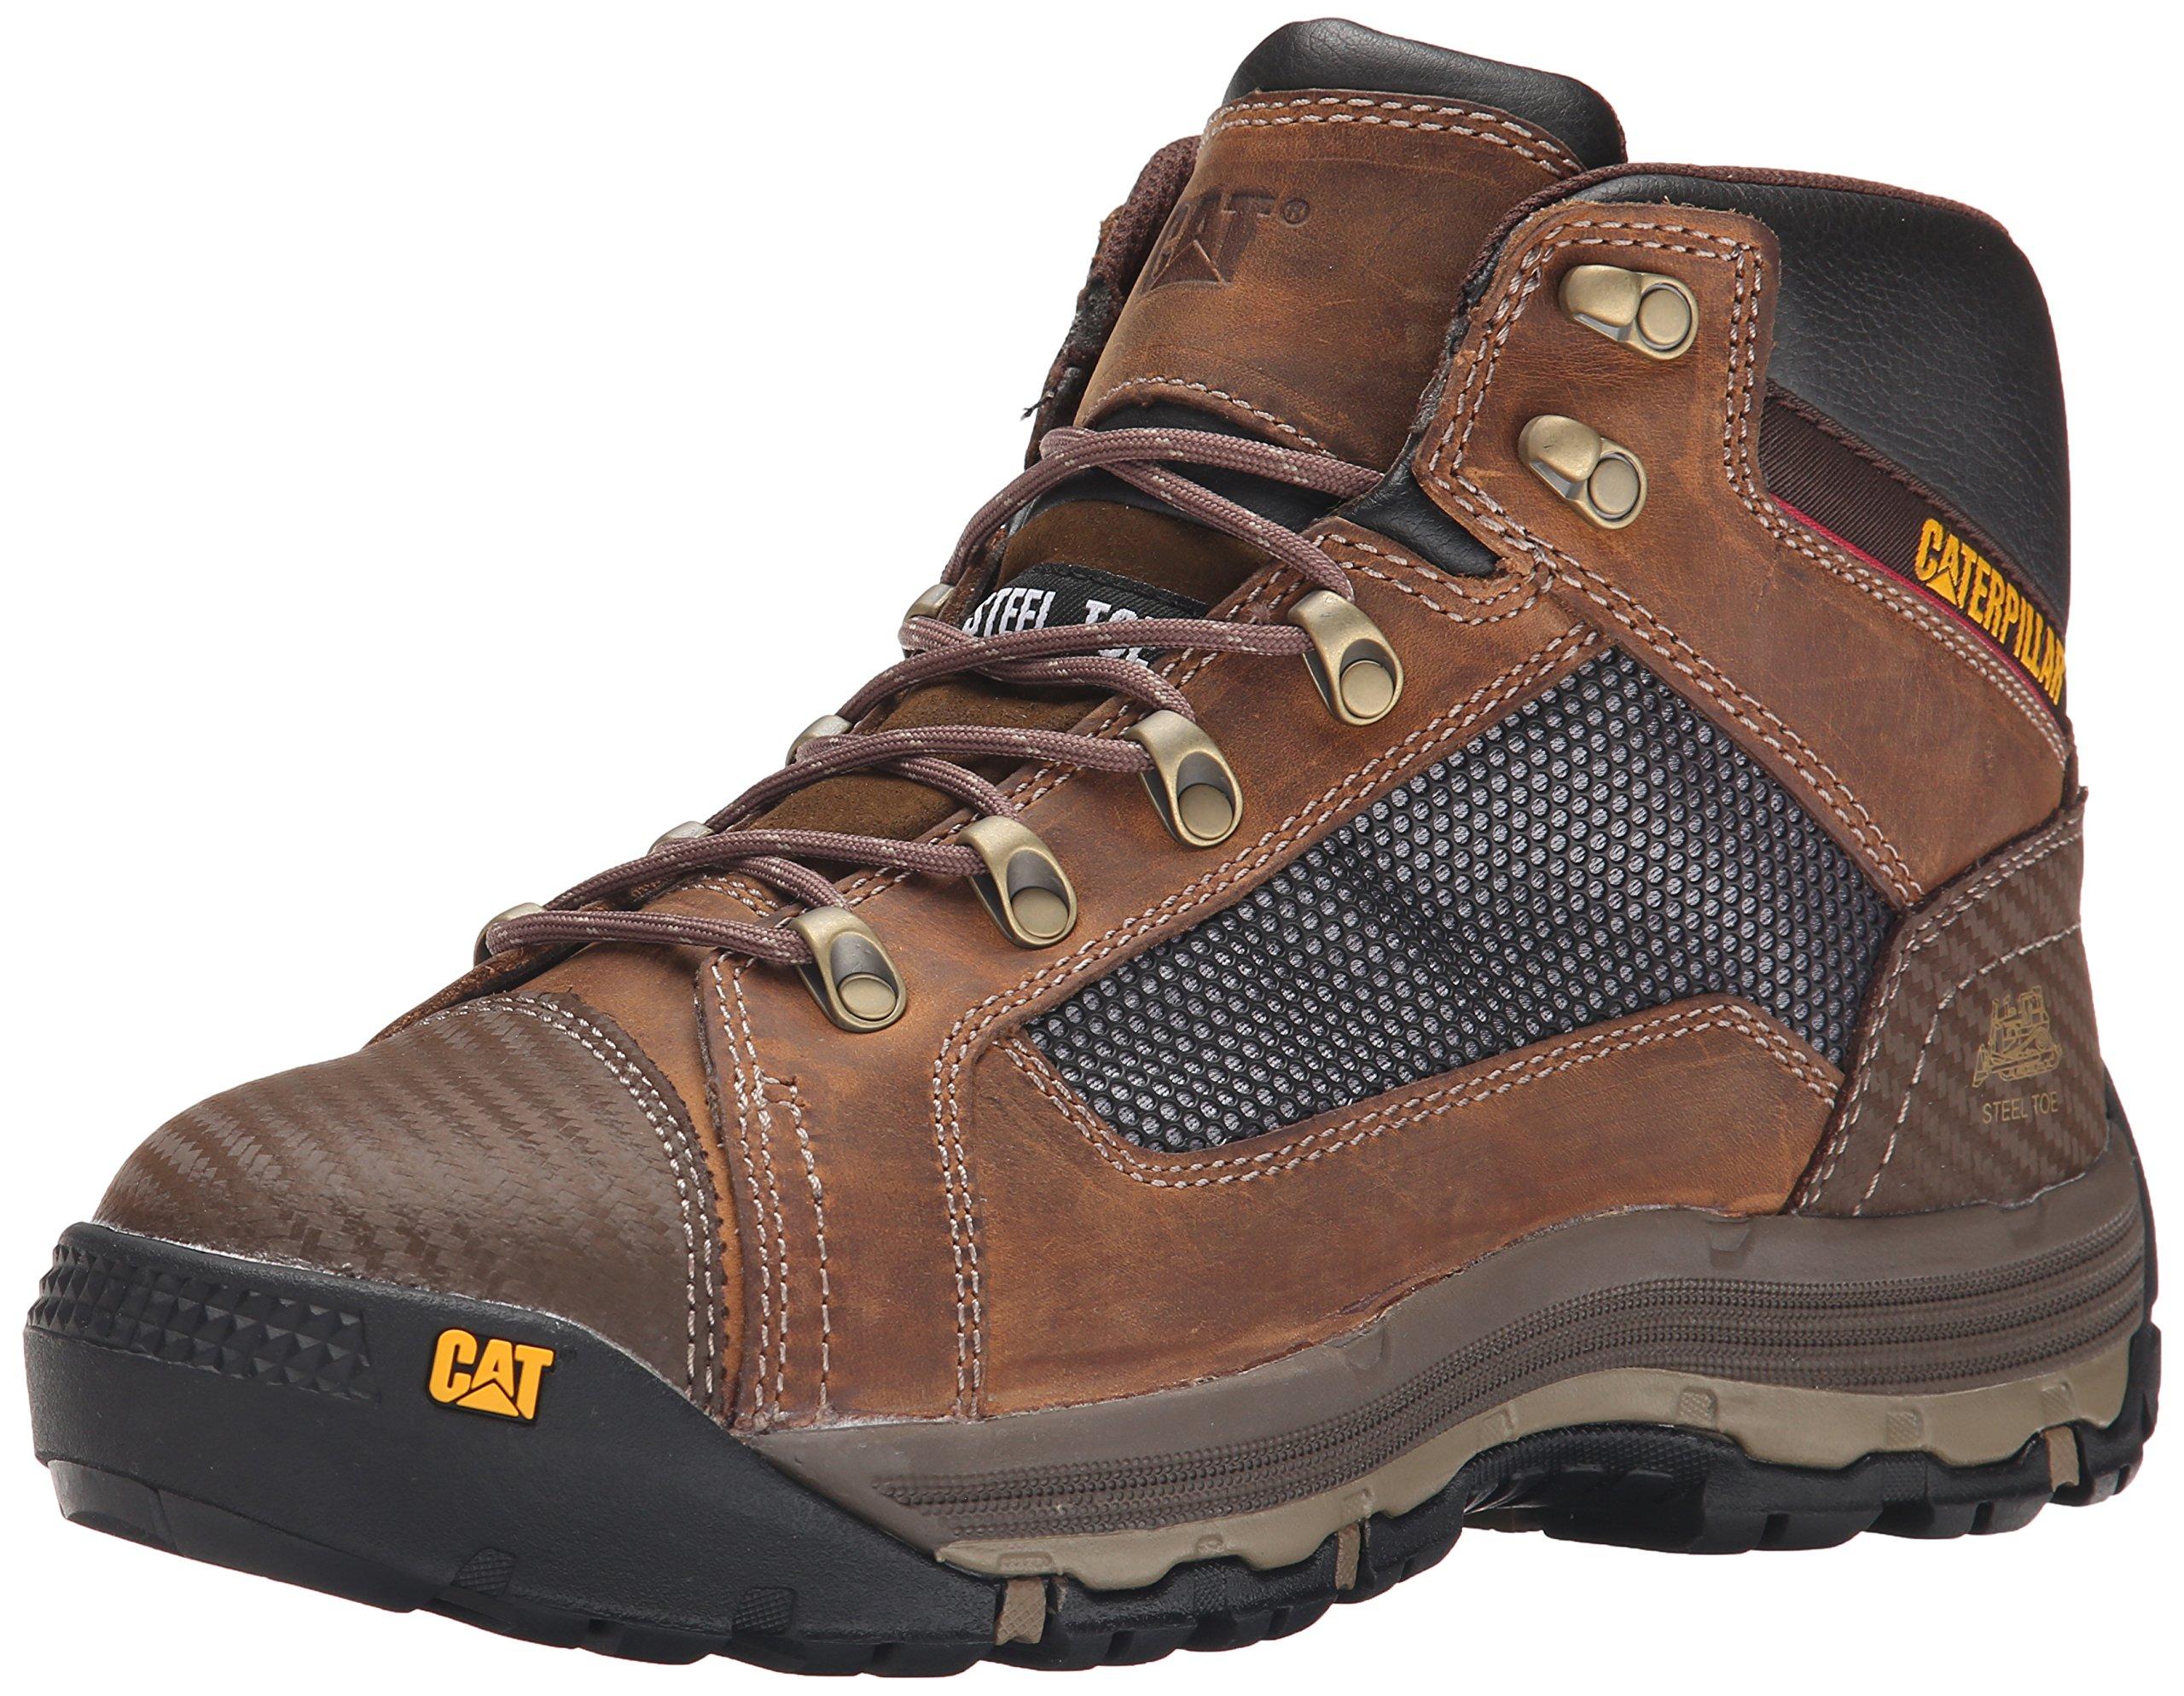 Caterpillar Men's Convex Mid Steel Toe Work Boot, Dark Beige, 11 M US